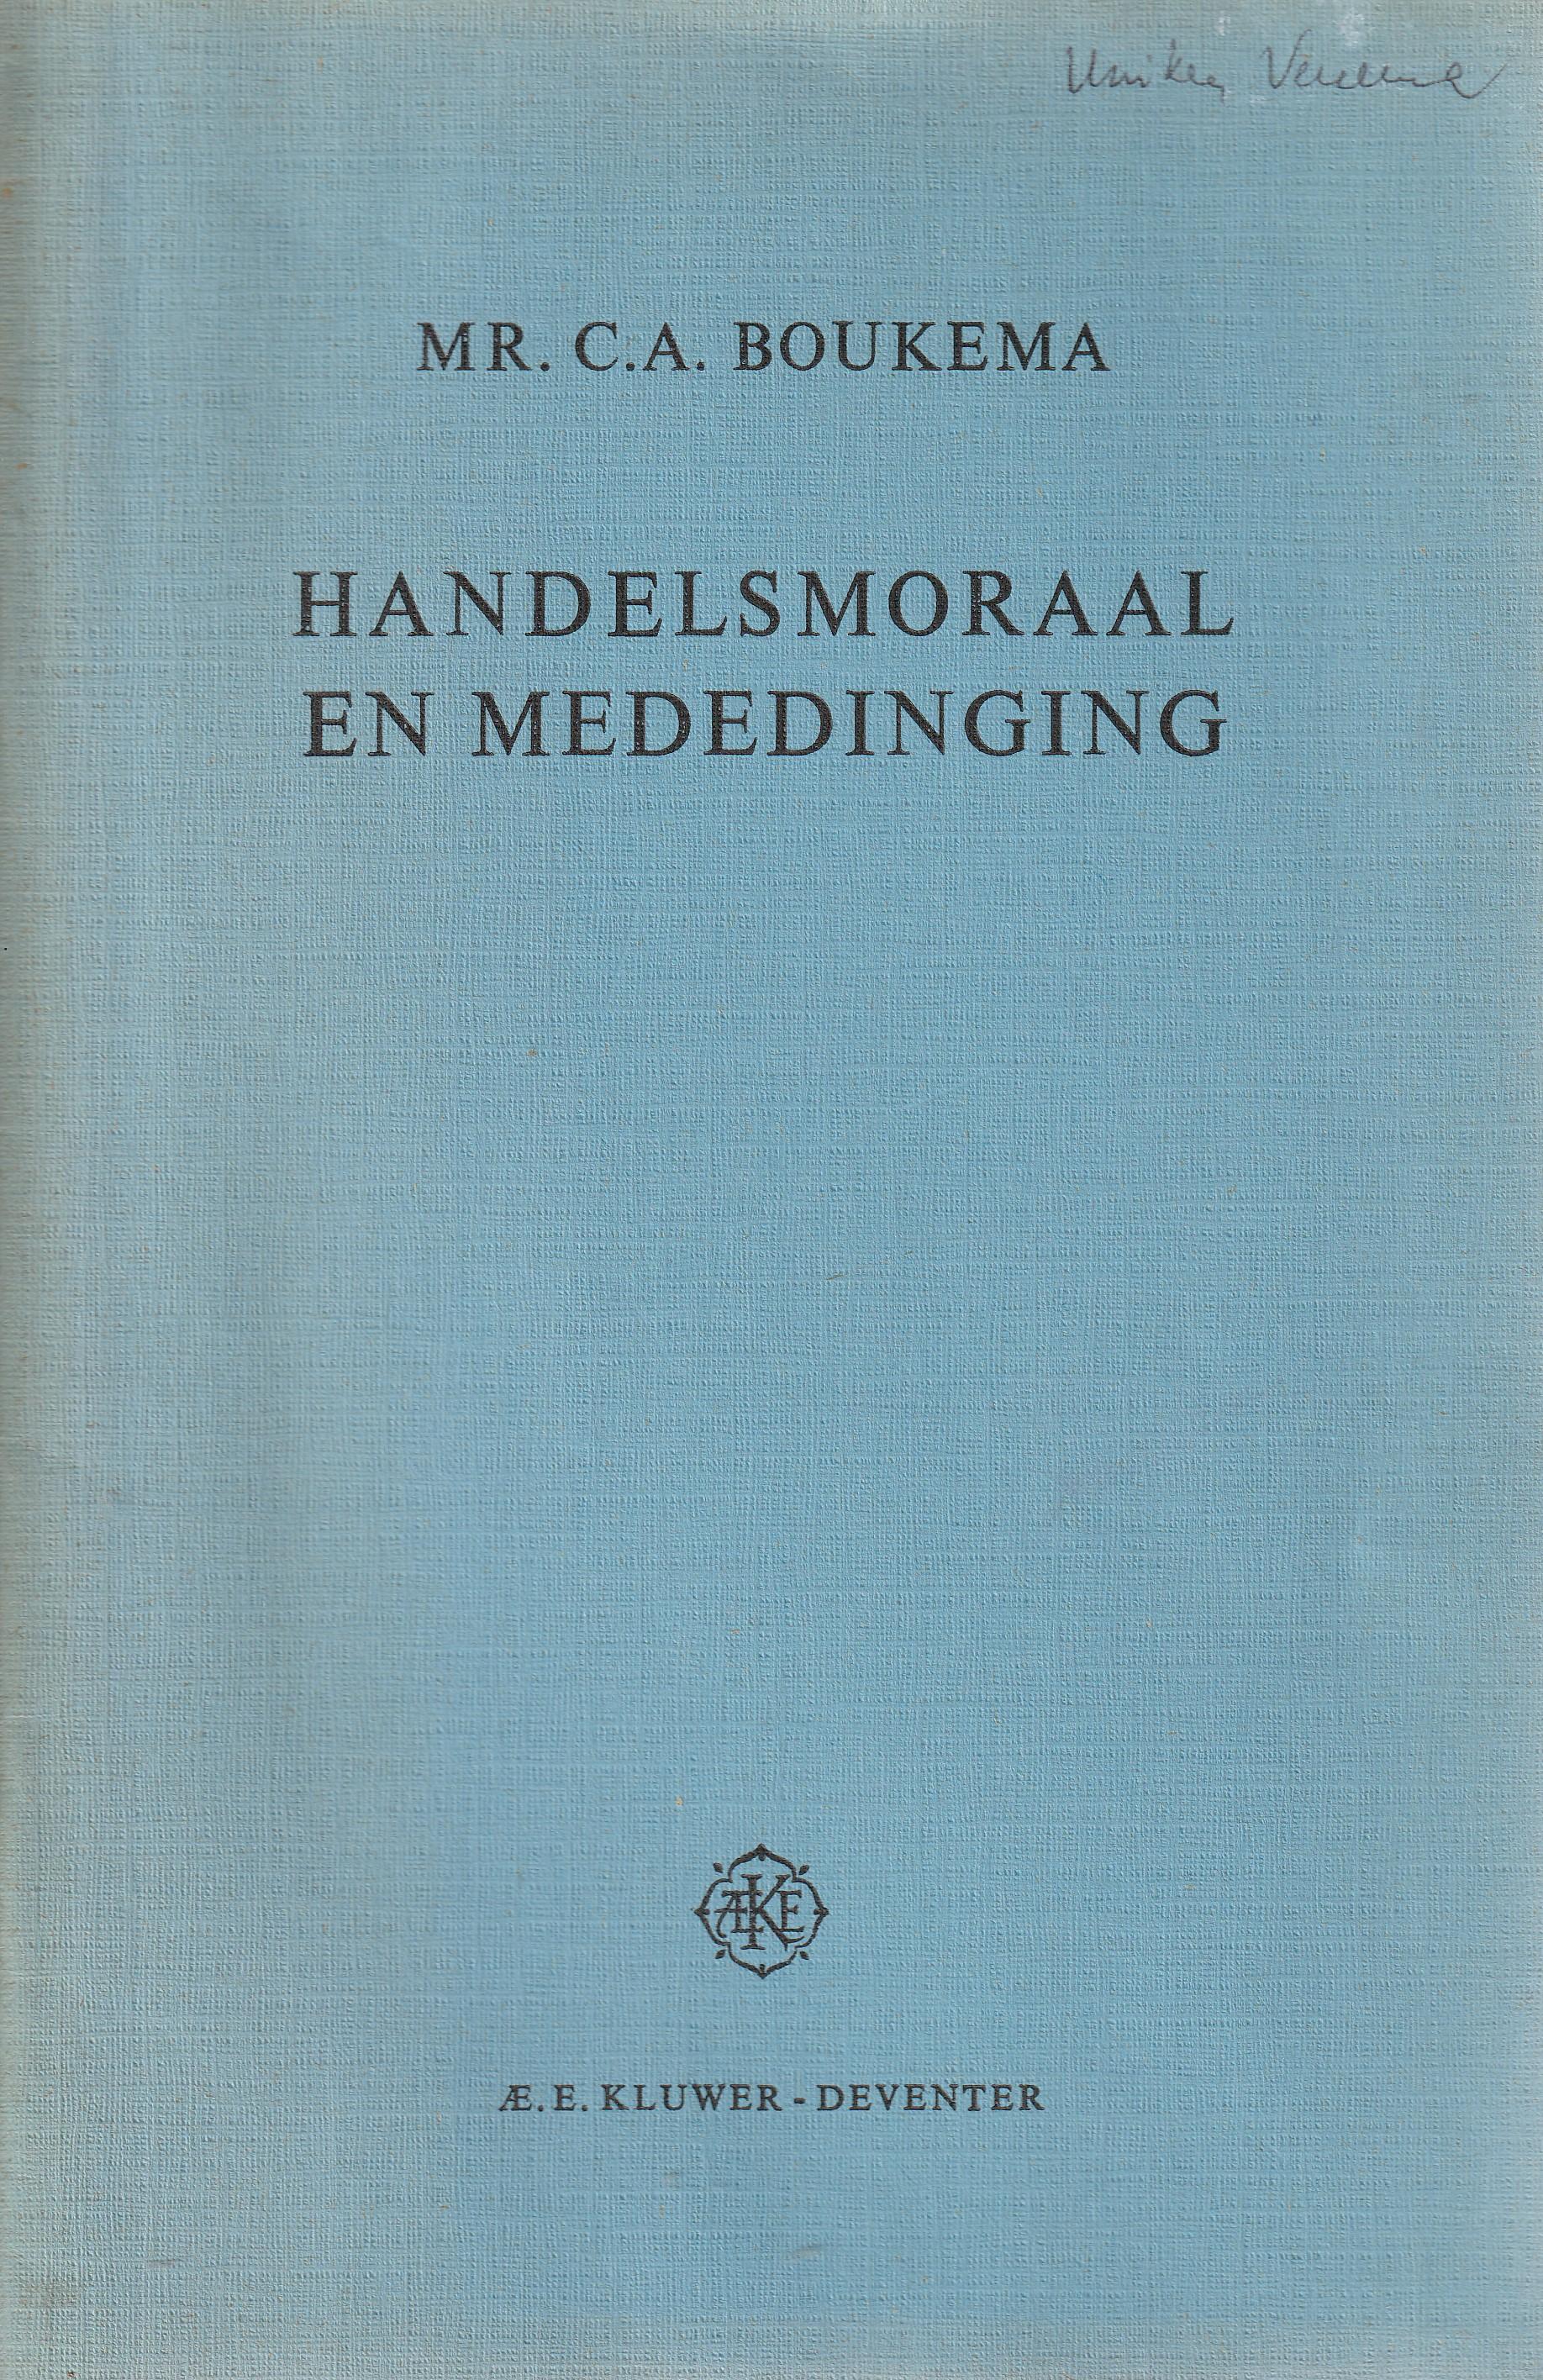 Handelsmoraal en mededinging - Rede 1968